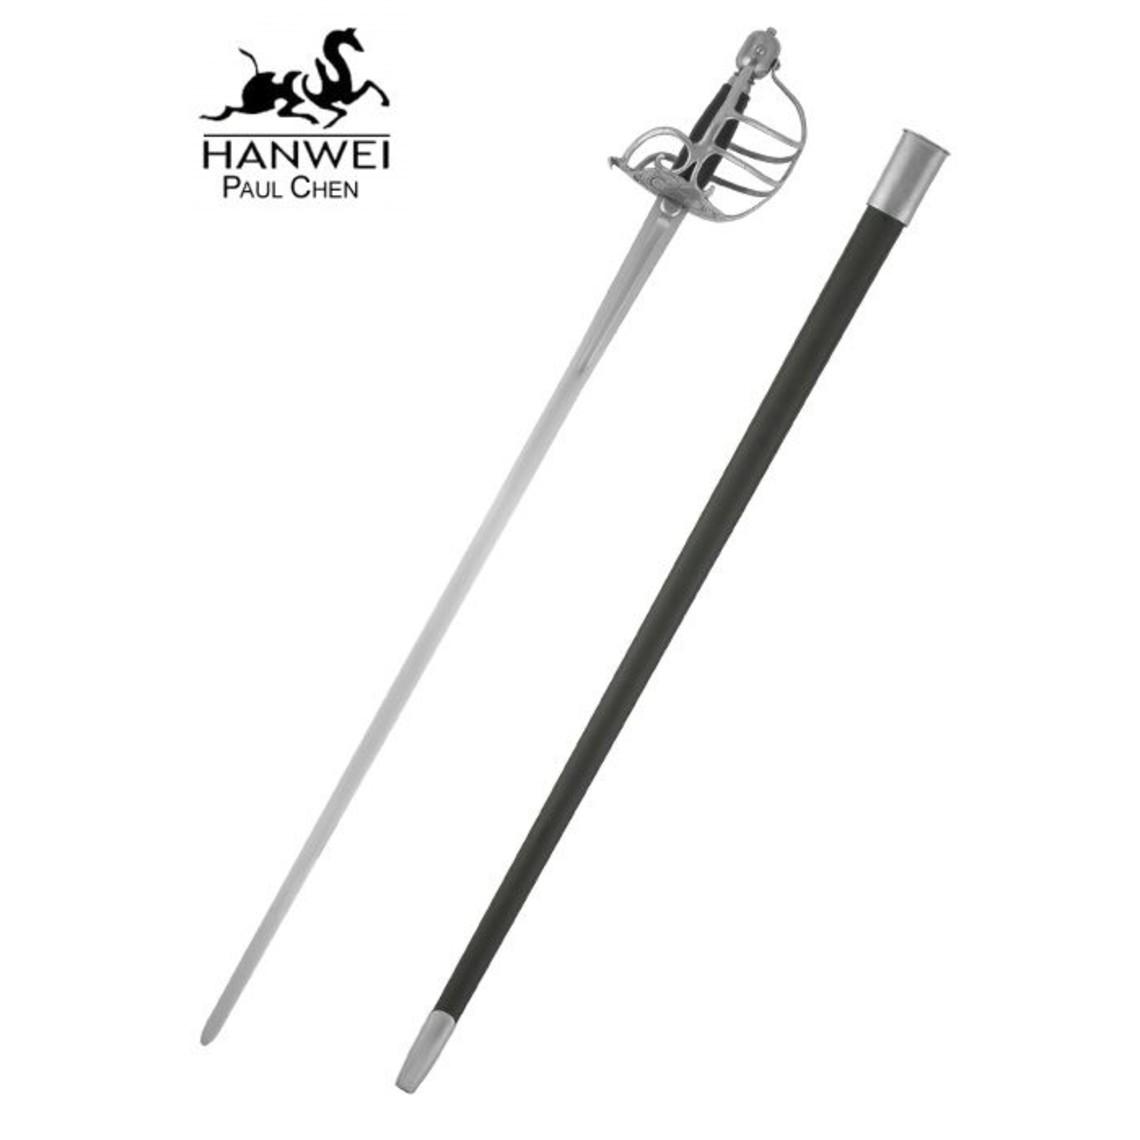 Hanwei Epée à garde en panier, prête au combat